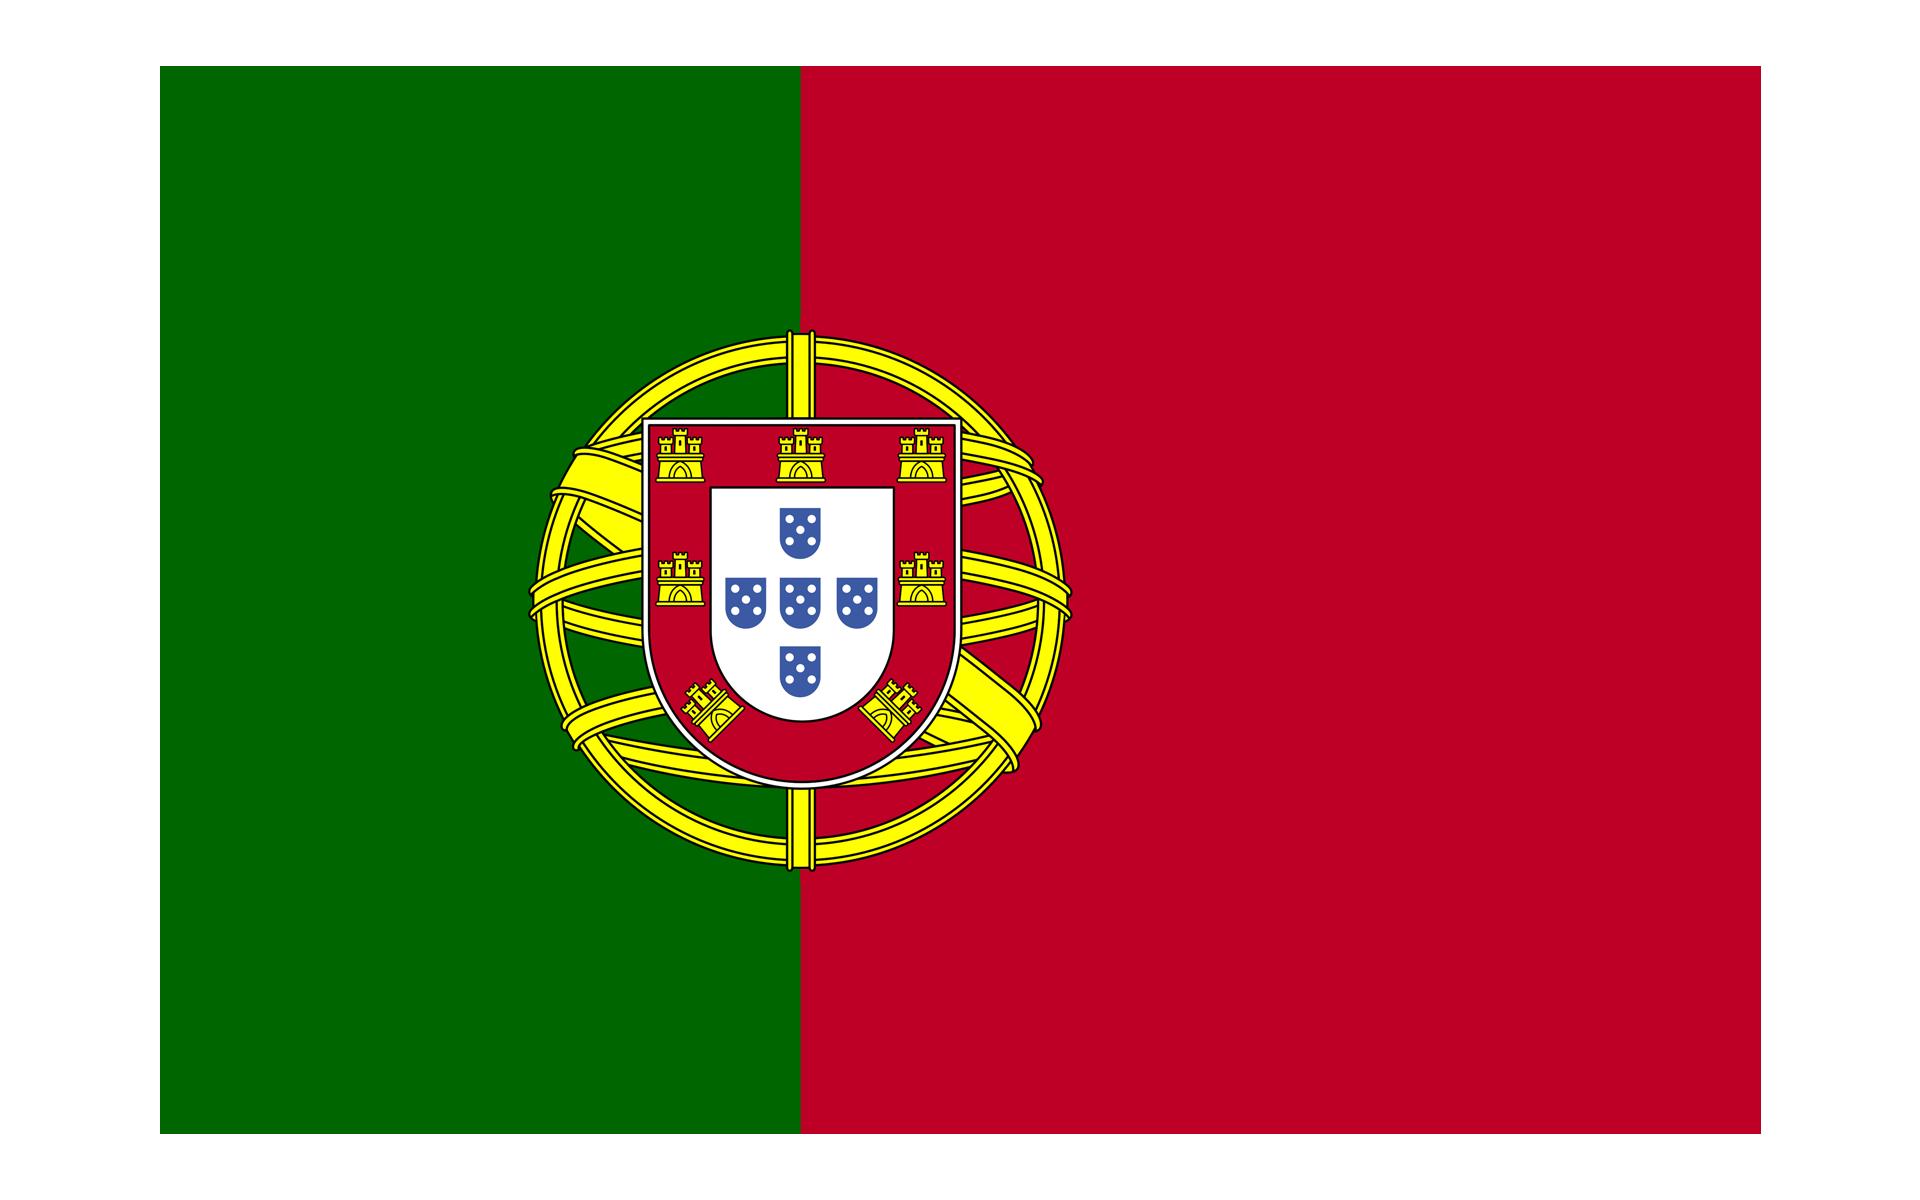 葡萄牙_葡萄牙个人旅游/商务签证